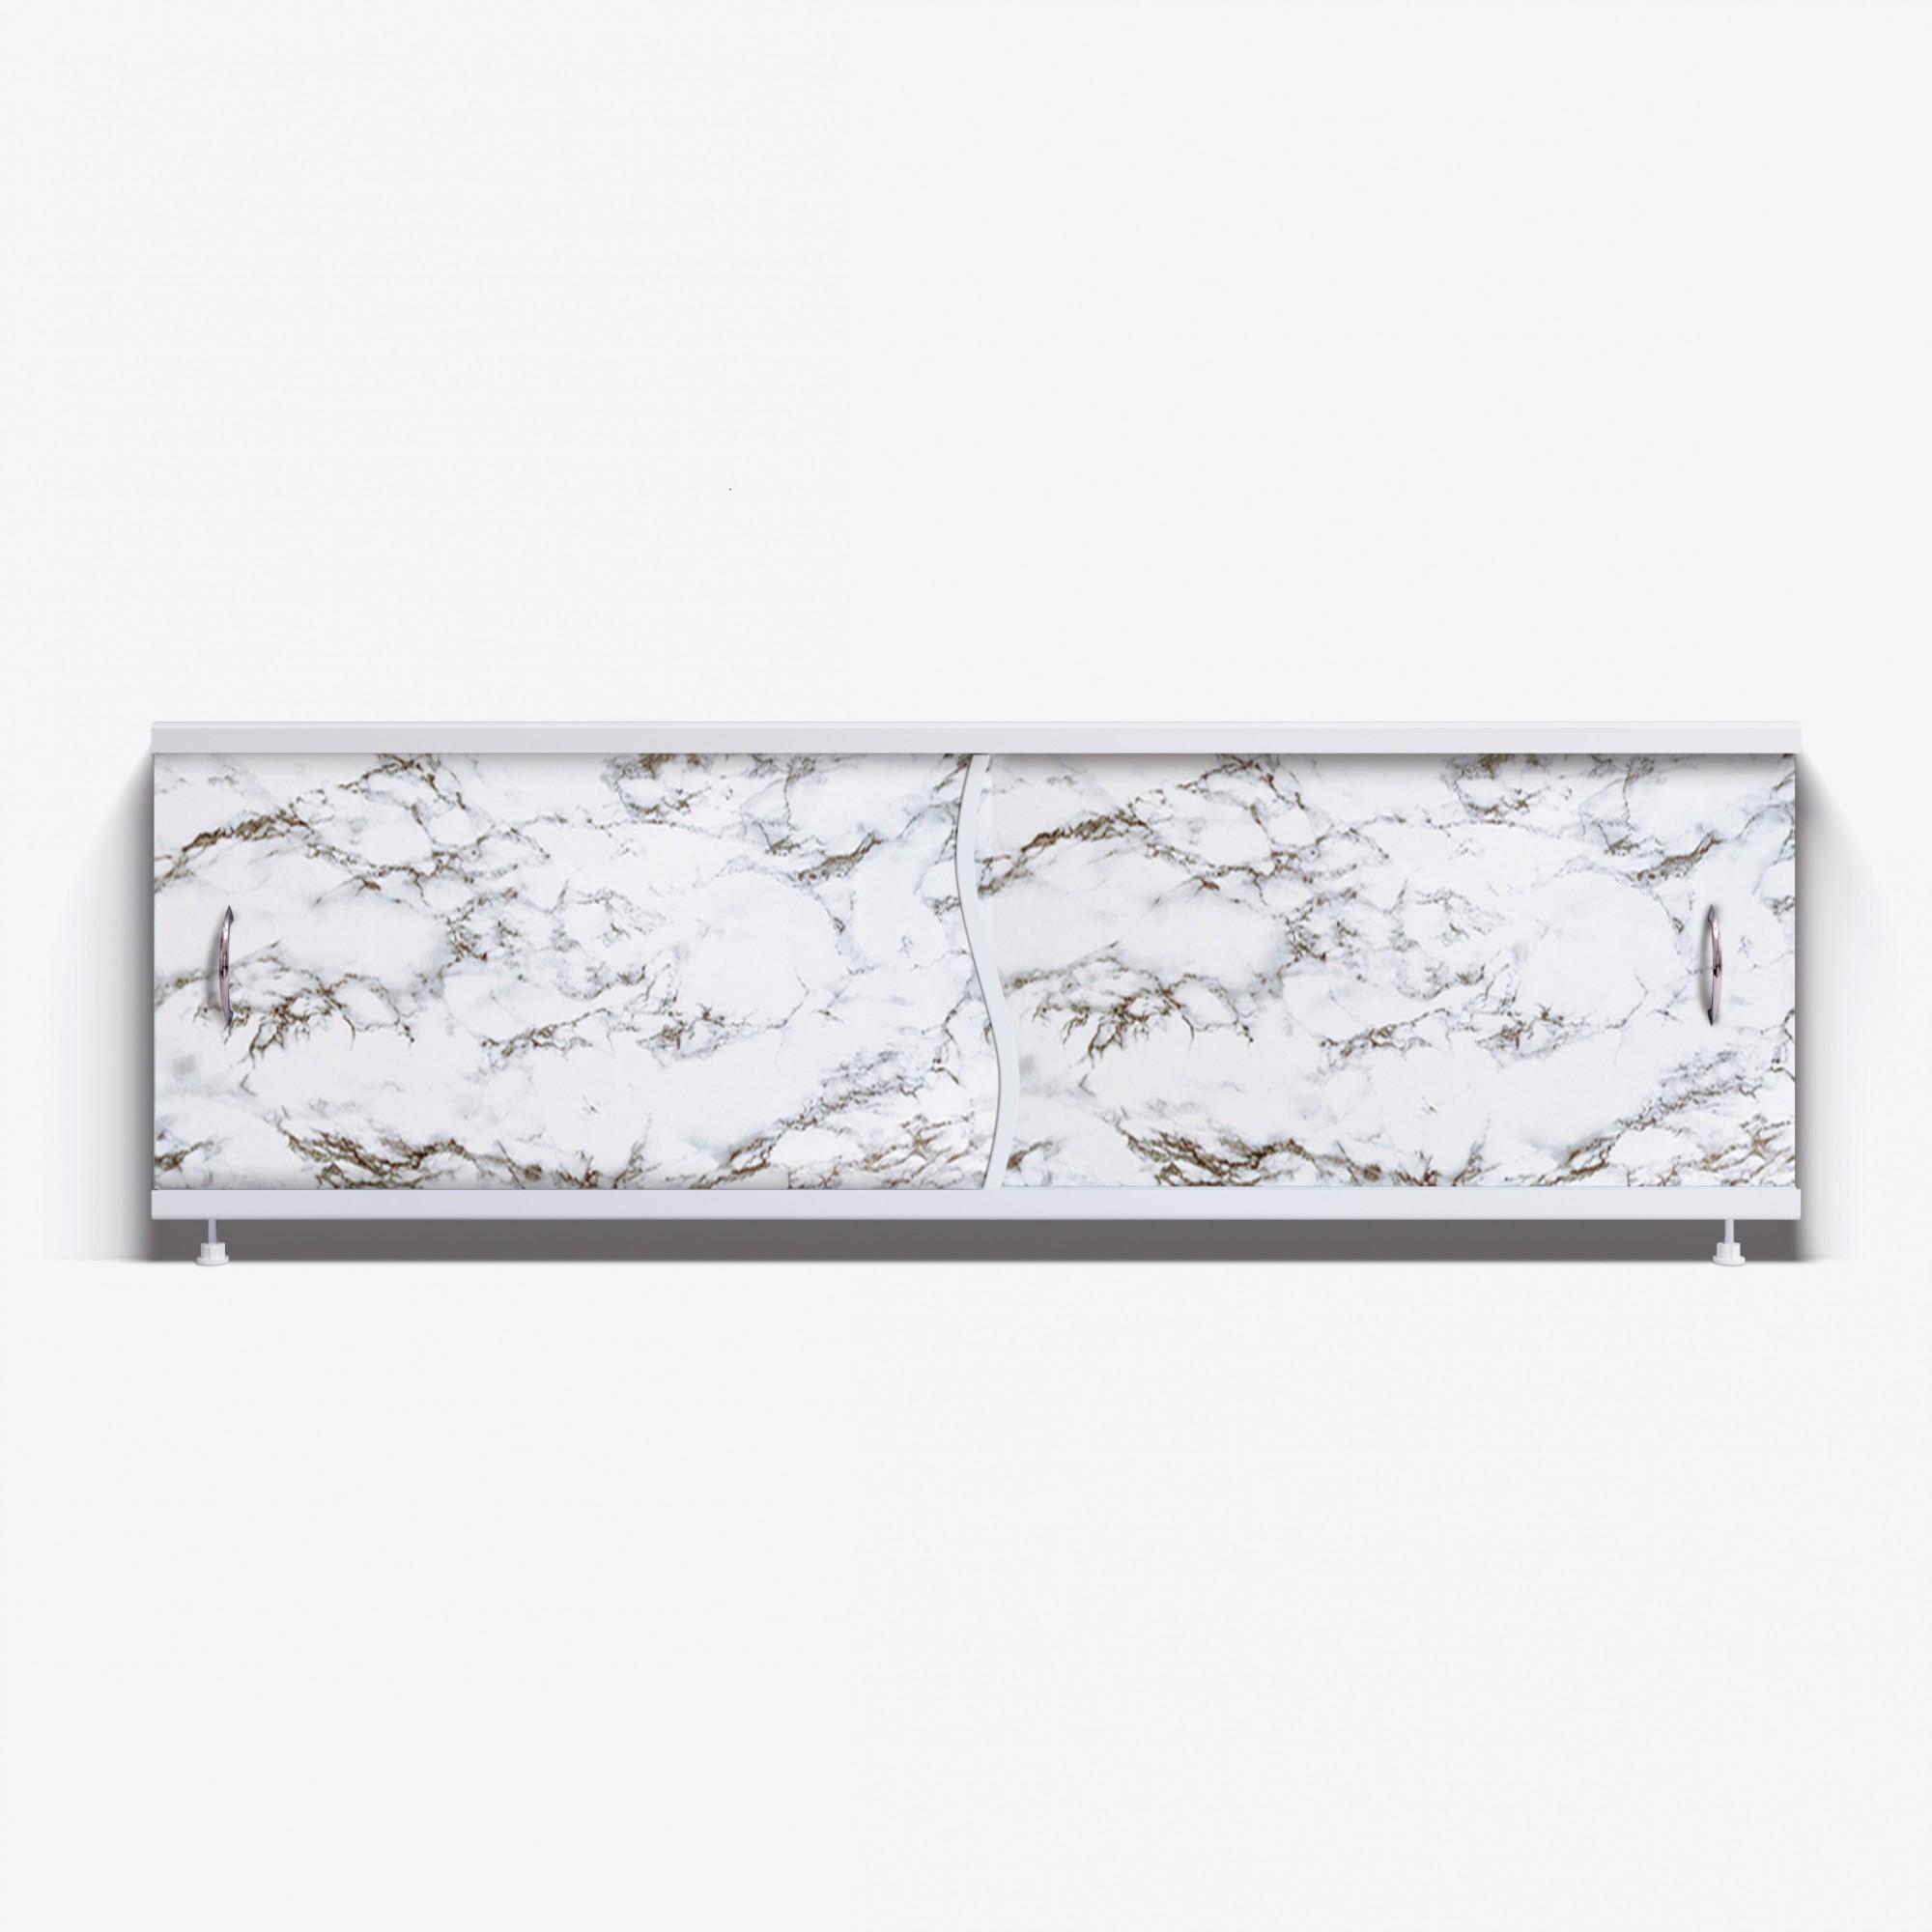 Экран под ванну Премьер 170 черно-белый мрамор